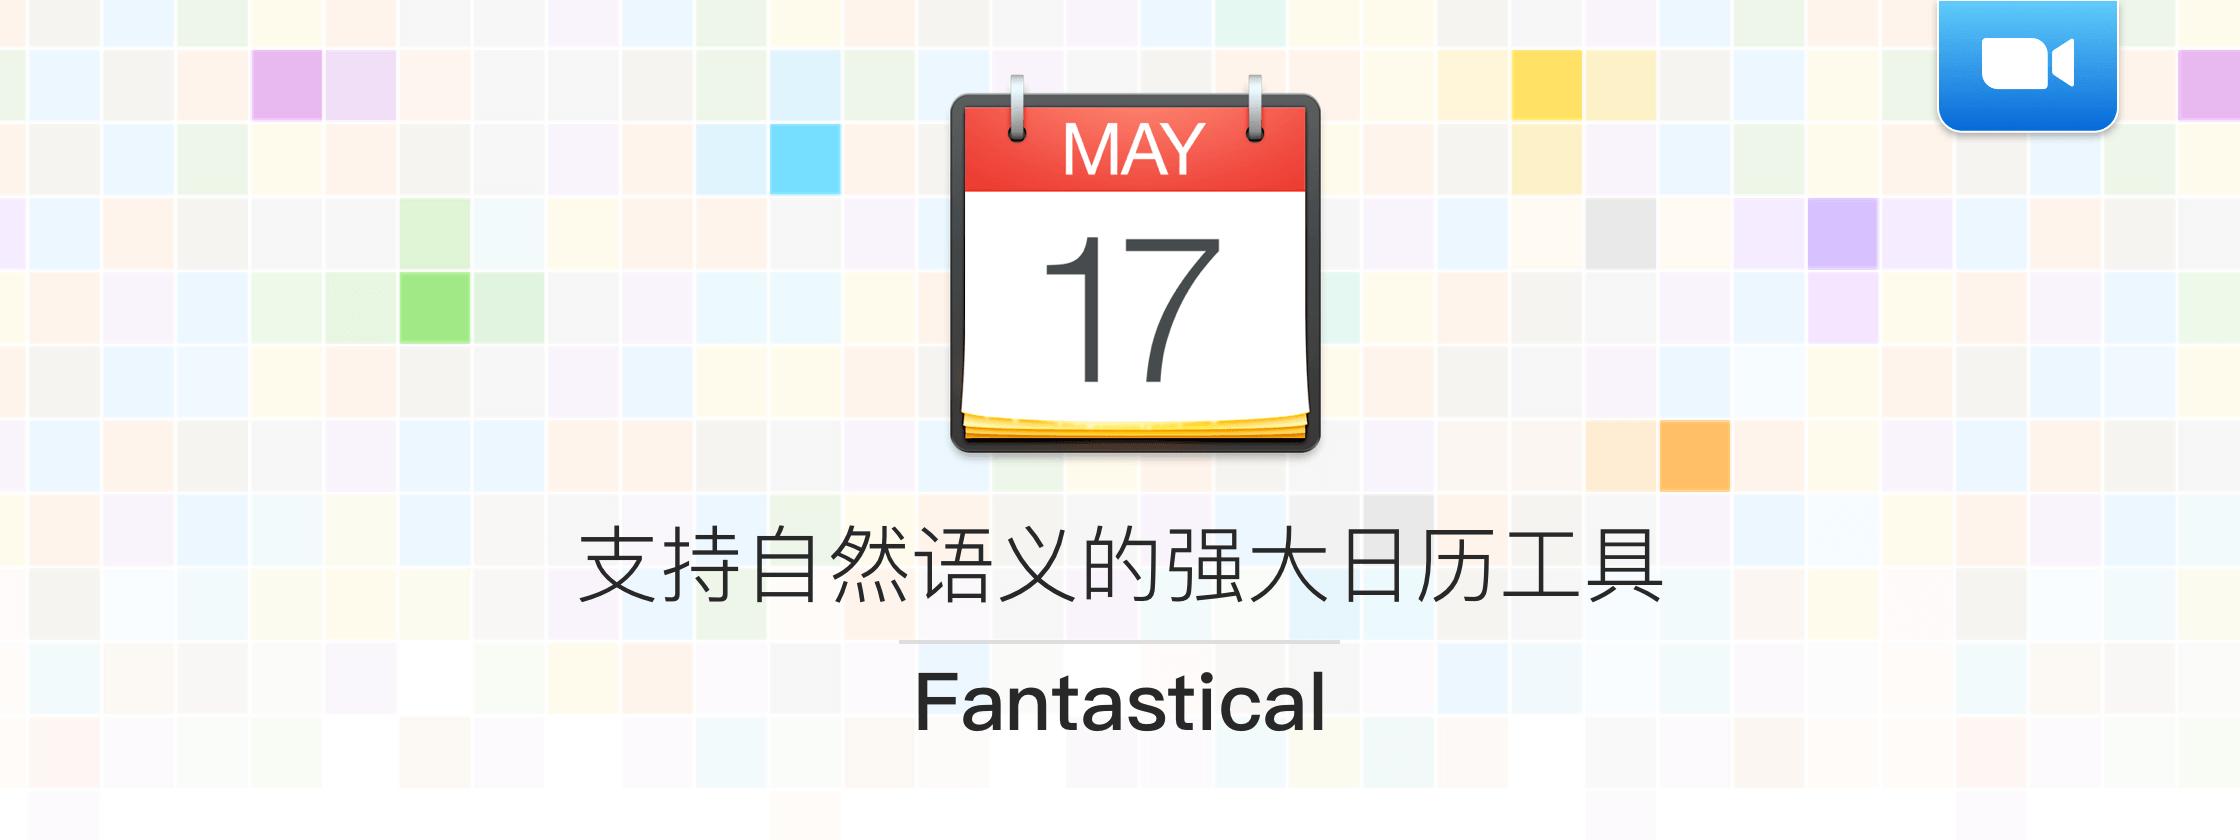 【视频】Fantastical,支持自然语义的强大日历工具